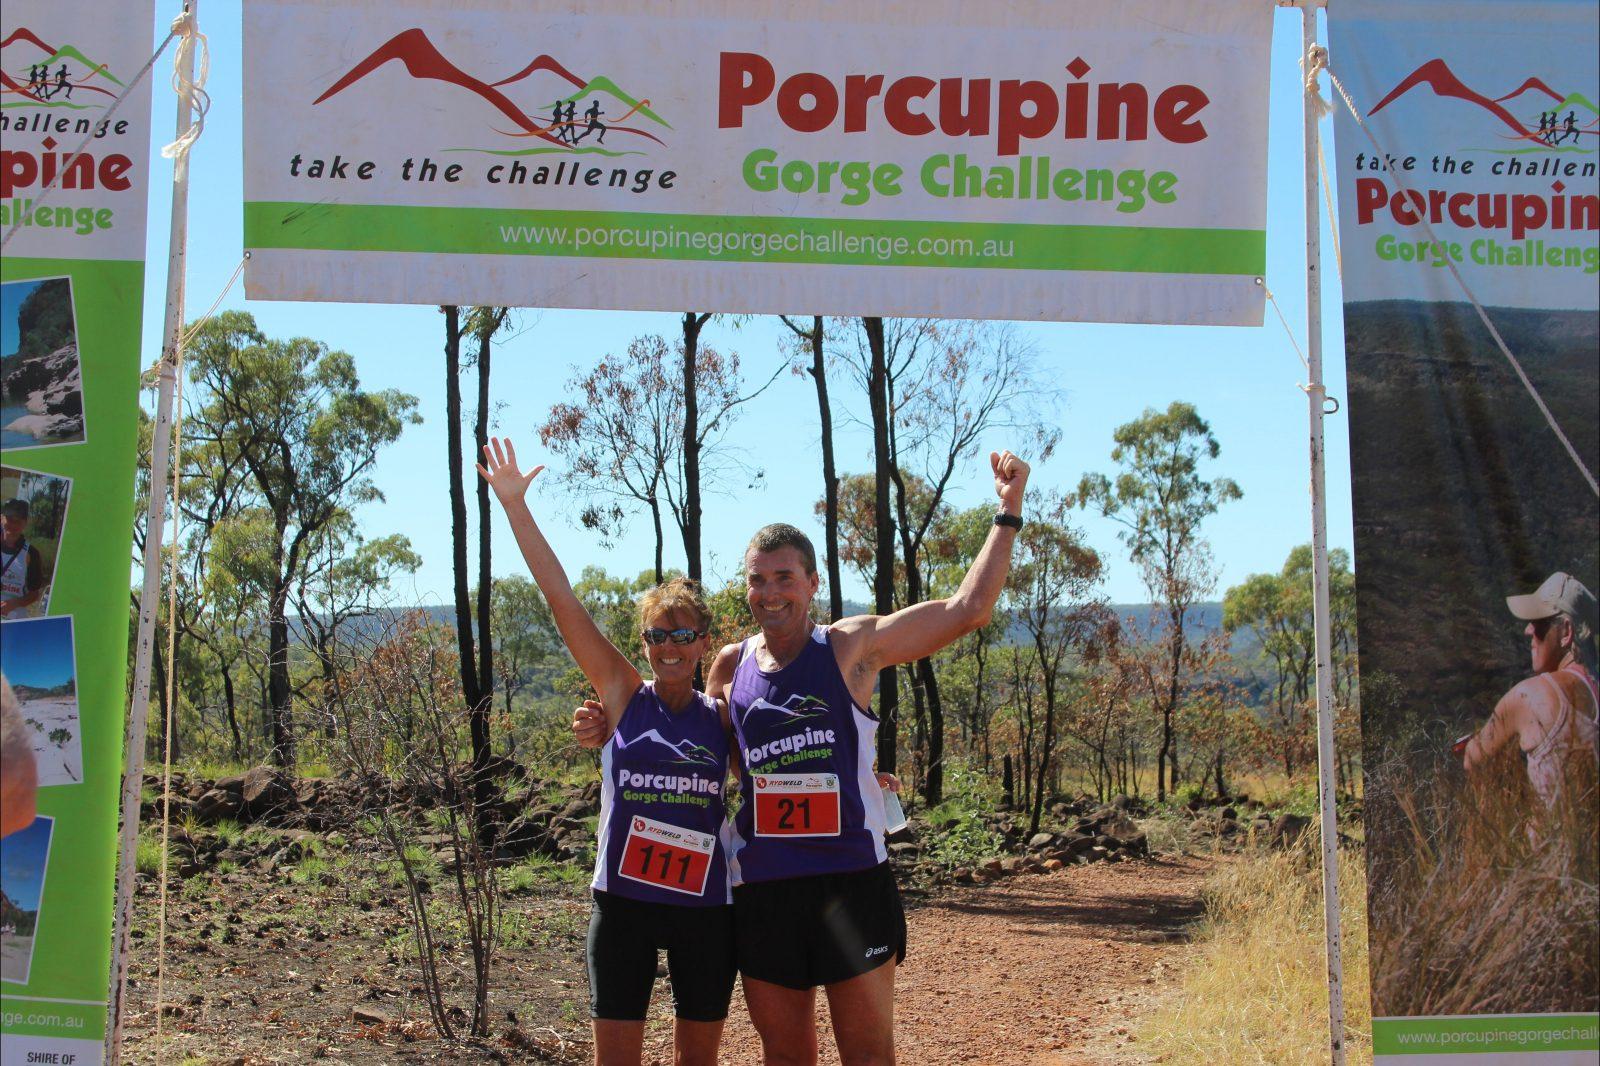 Hughenden Porcupine Gorge Challenge